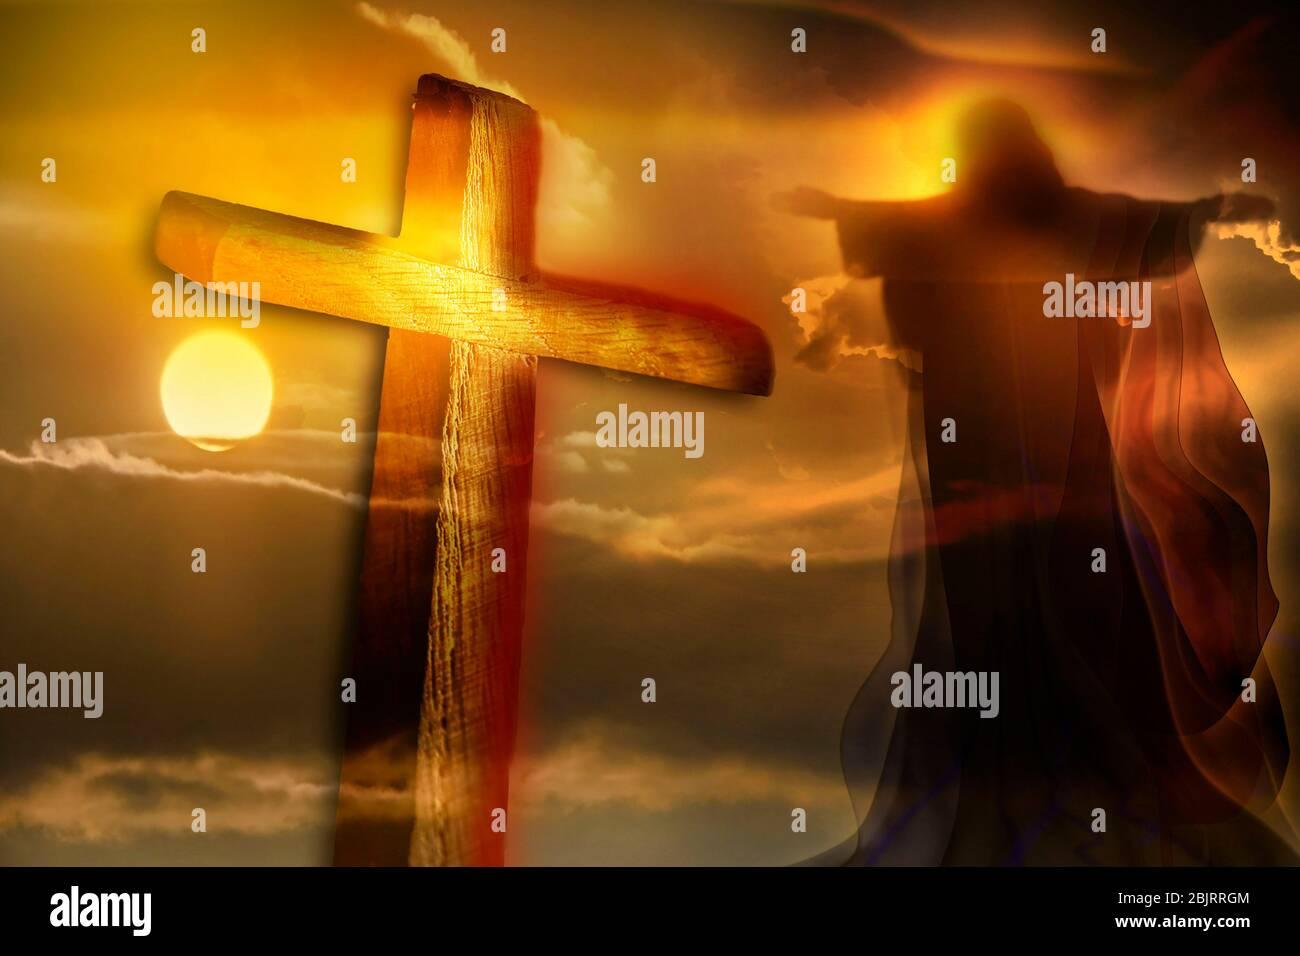 Jésus Christ et traverser sur un beau fond de ciel. Symbole de religion chrétienne. Résurrection de Jésus. La Crucifixion. Banque D'Images